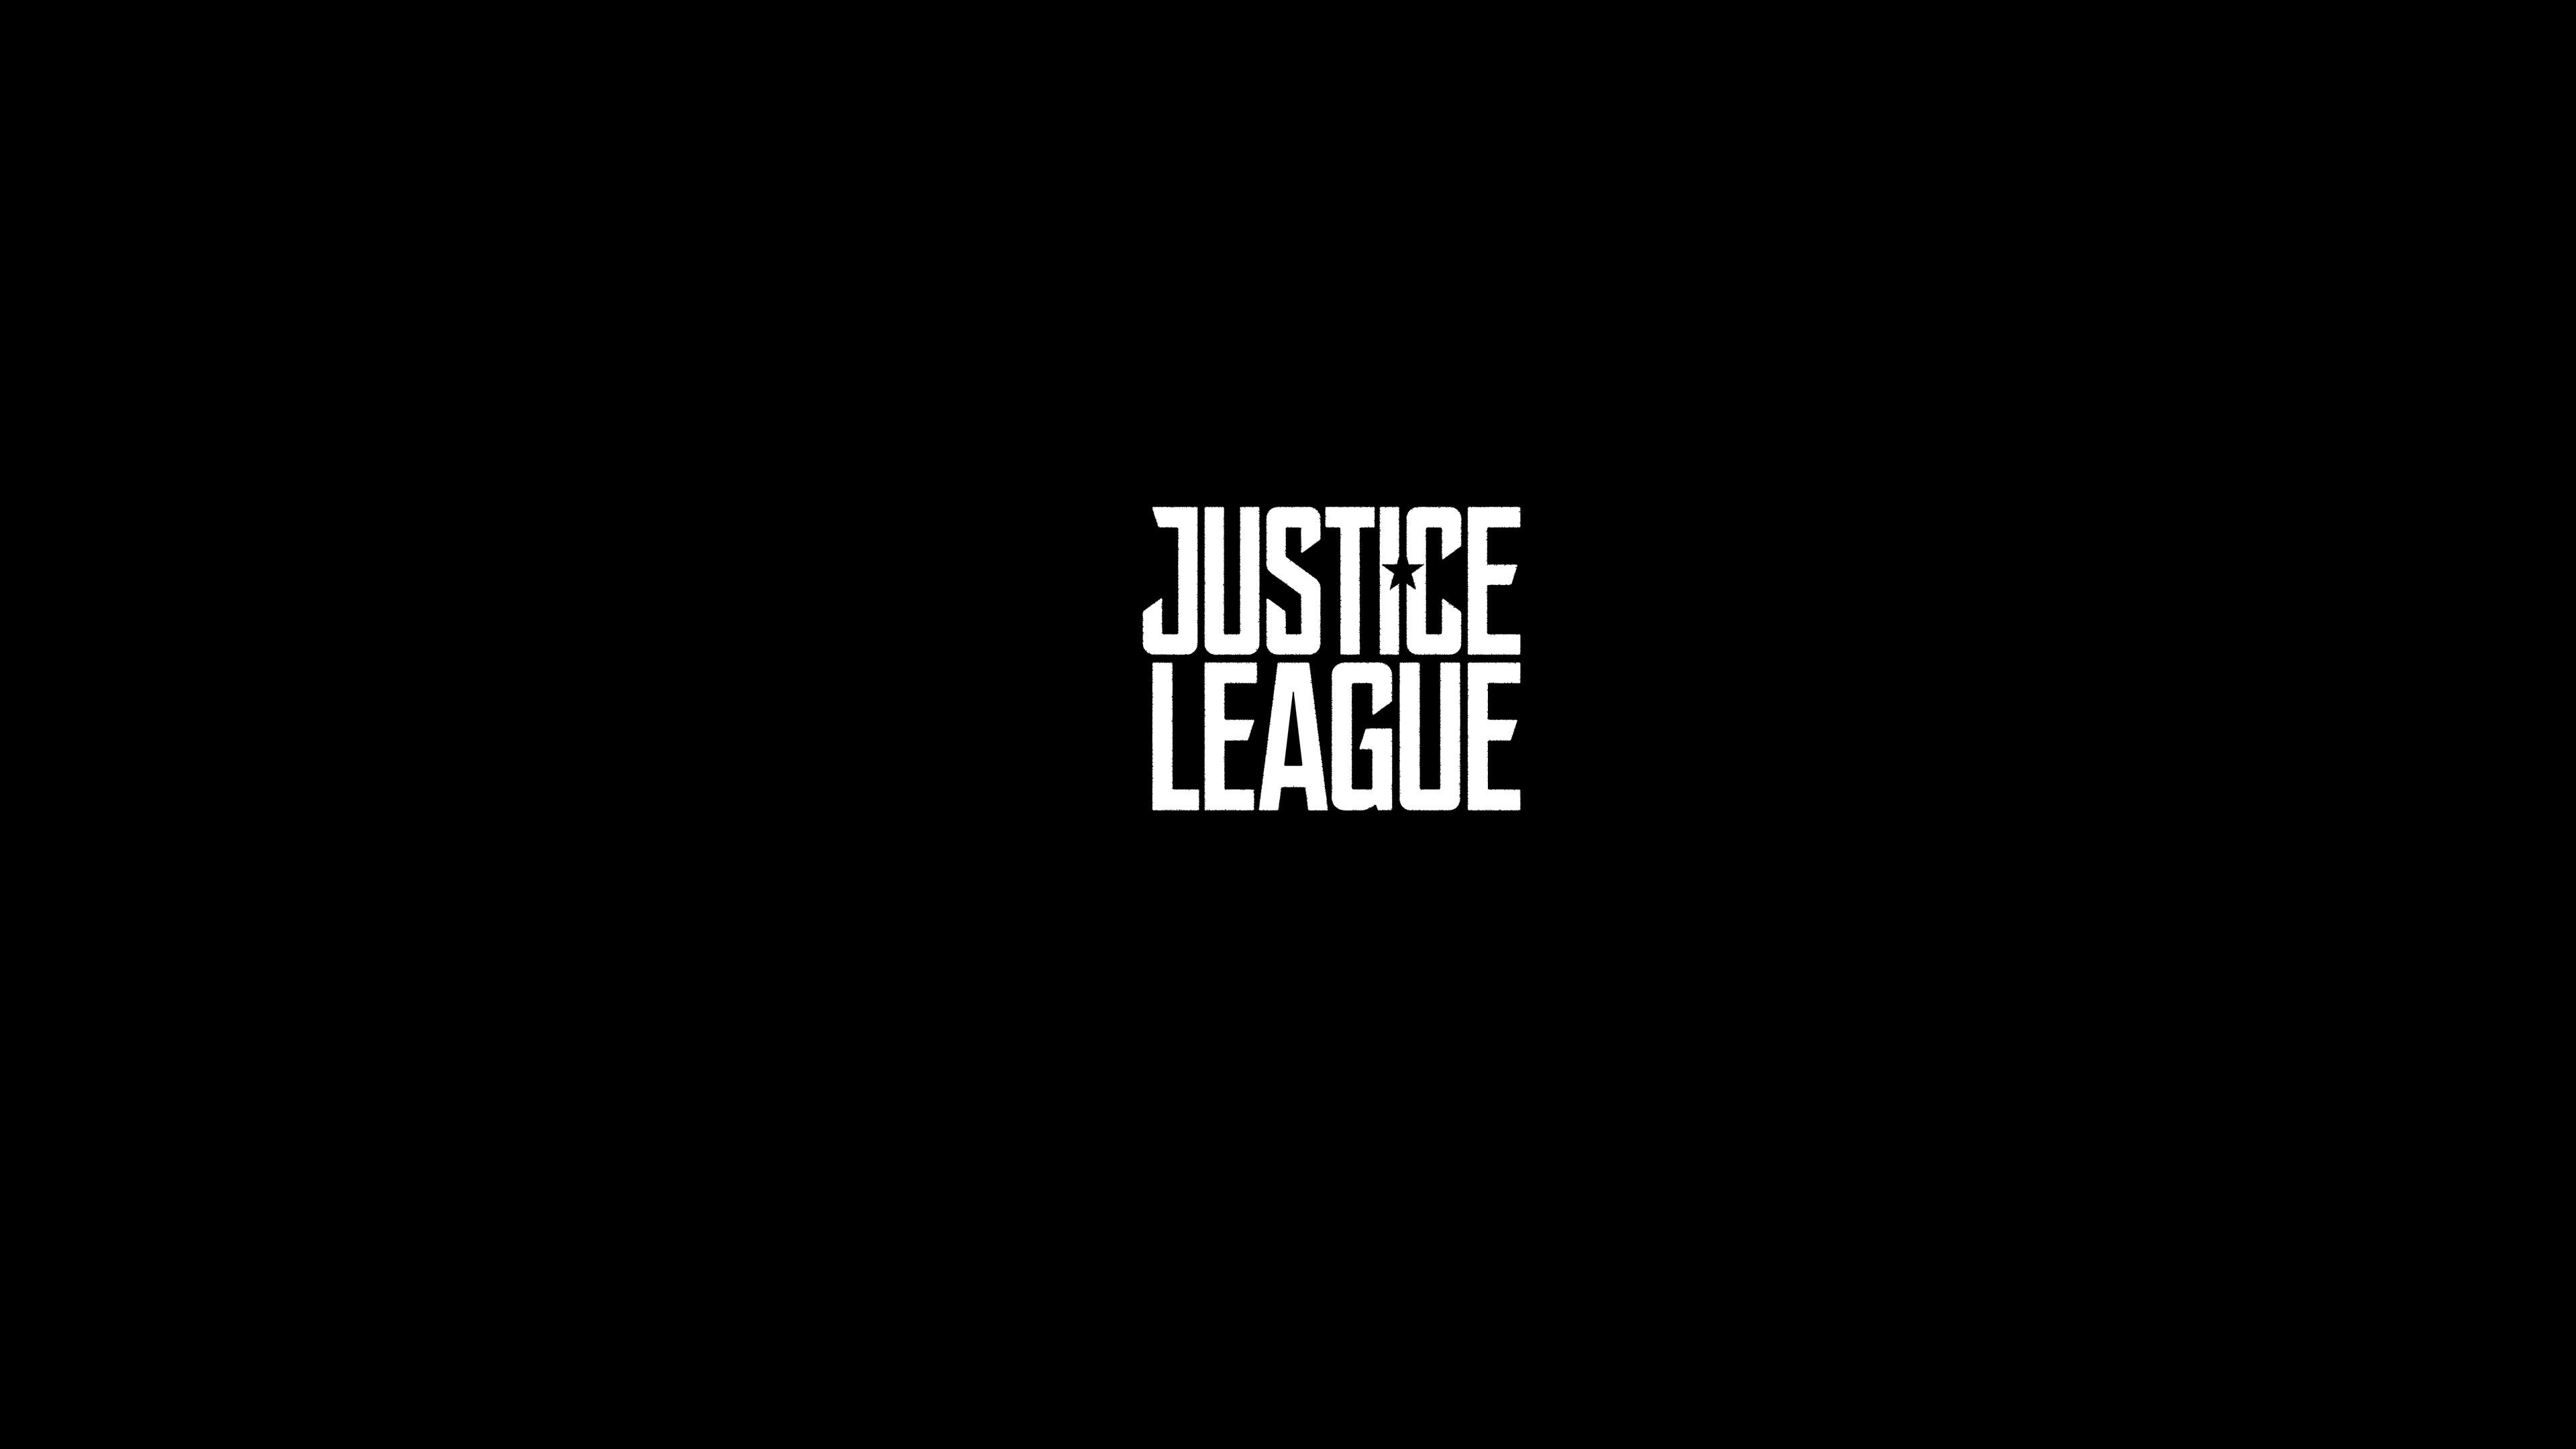 justice league original logo 4k 1536364120 - Justice League Original Logo 4k - movies wallpapers, logo wallpapers, justice league wallpapers, 4k-wallpapers